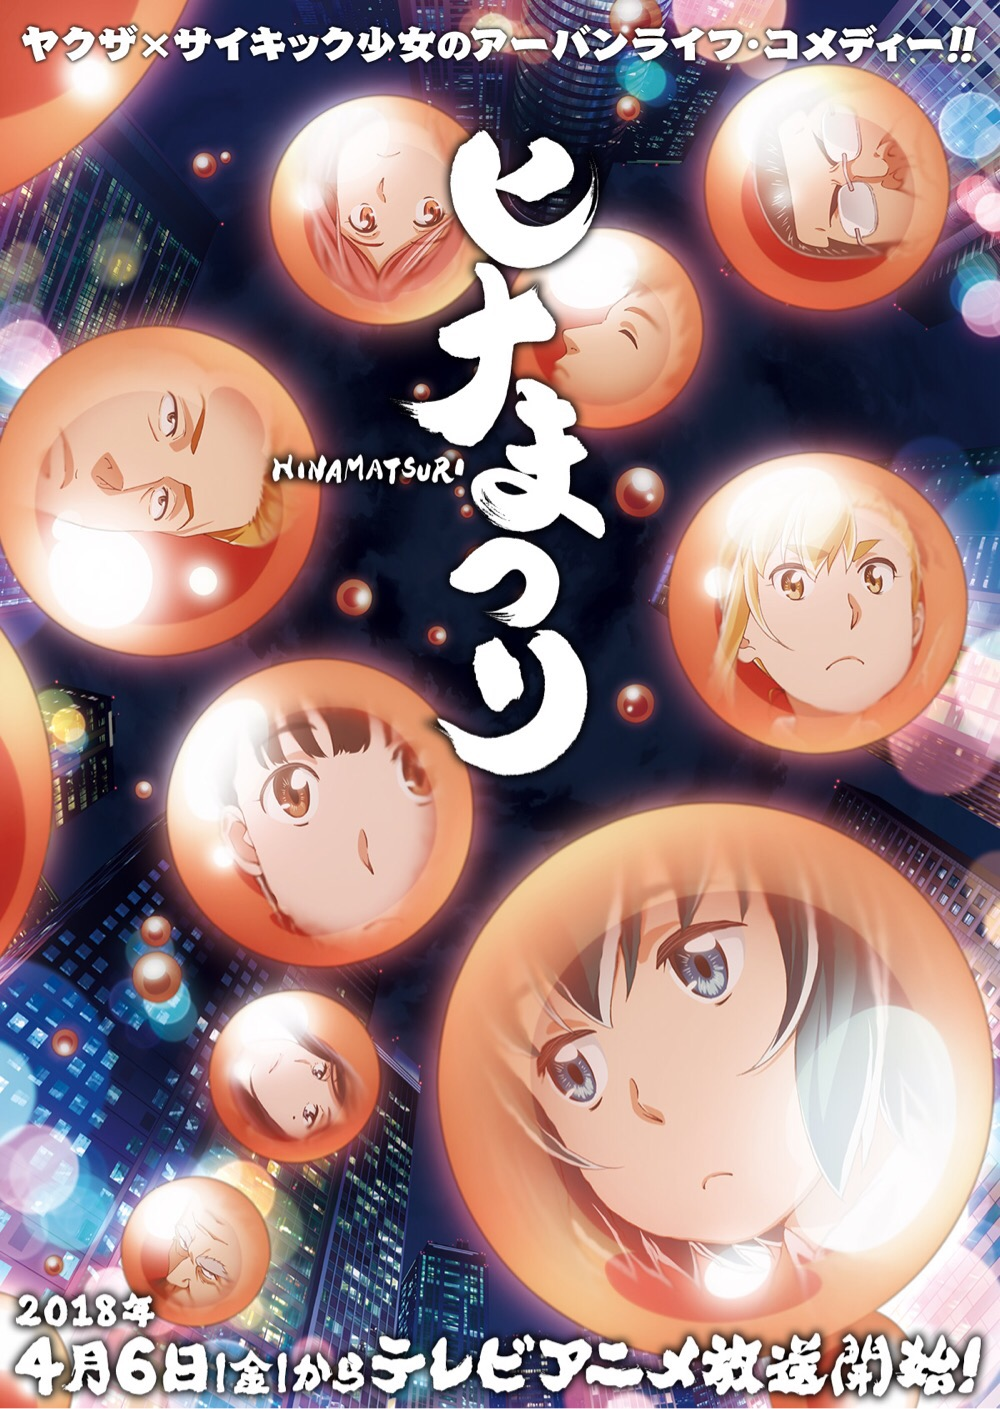 ナニコレ、メッチャ吹き出してしまうギャグアニメ「ヒナまつり」が面白くてたまらん!